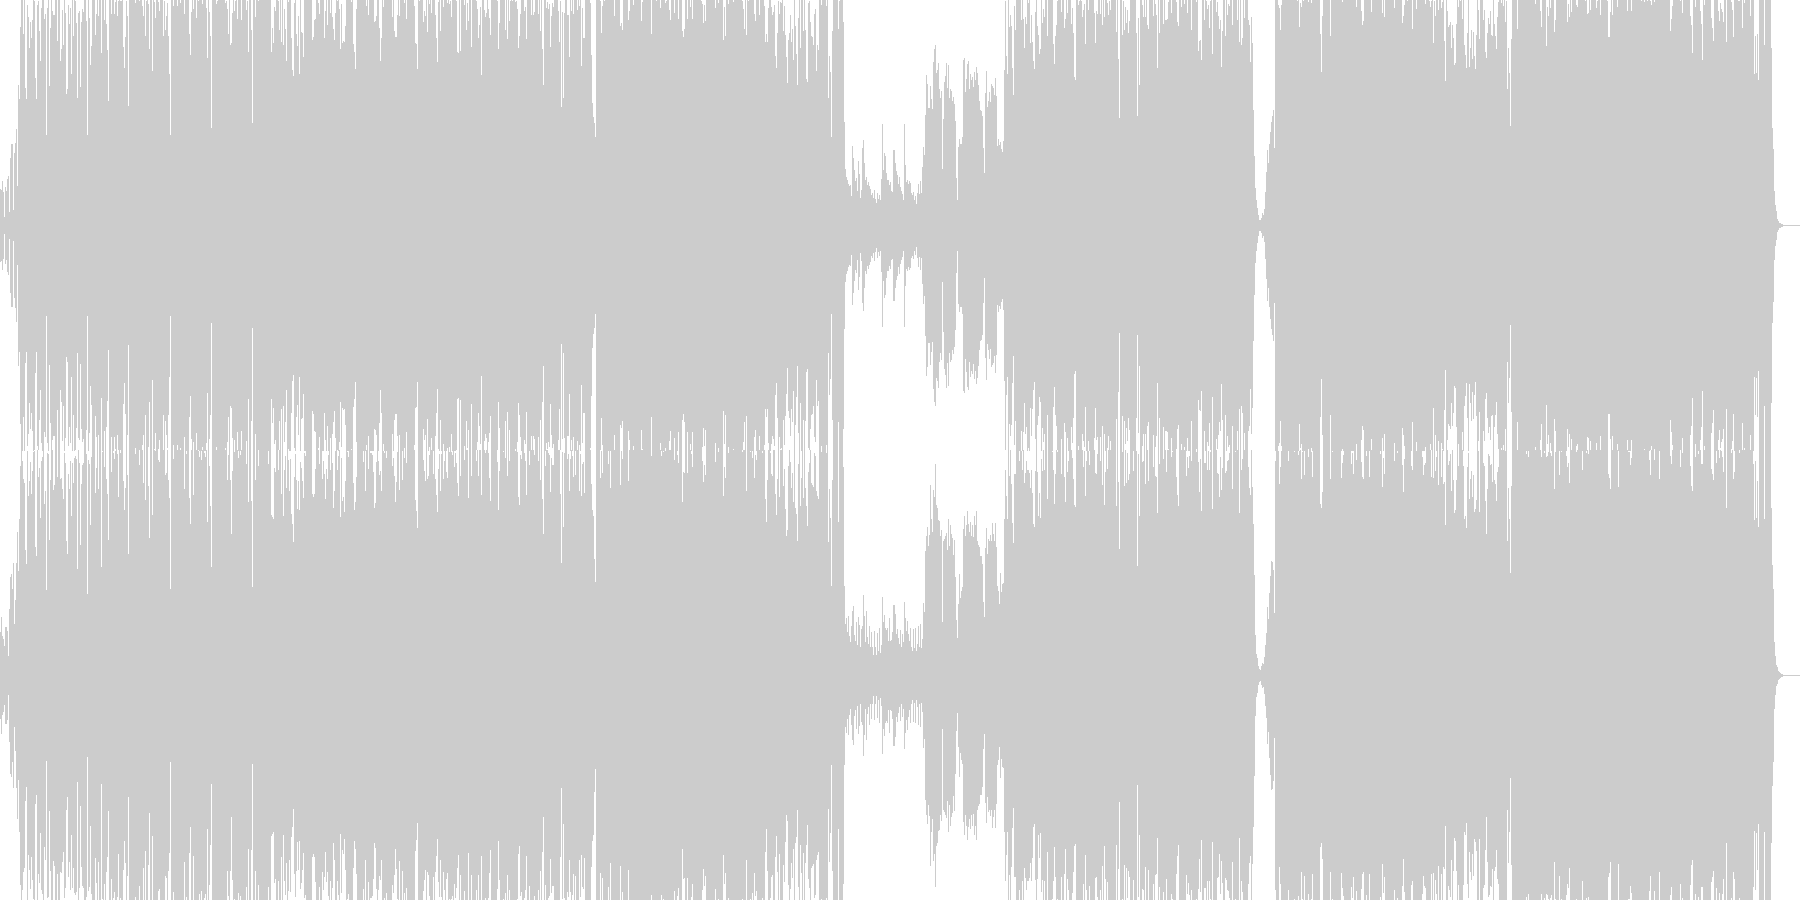 生バイオリンのドラムンベースの未再生の波形